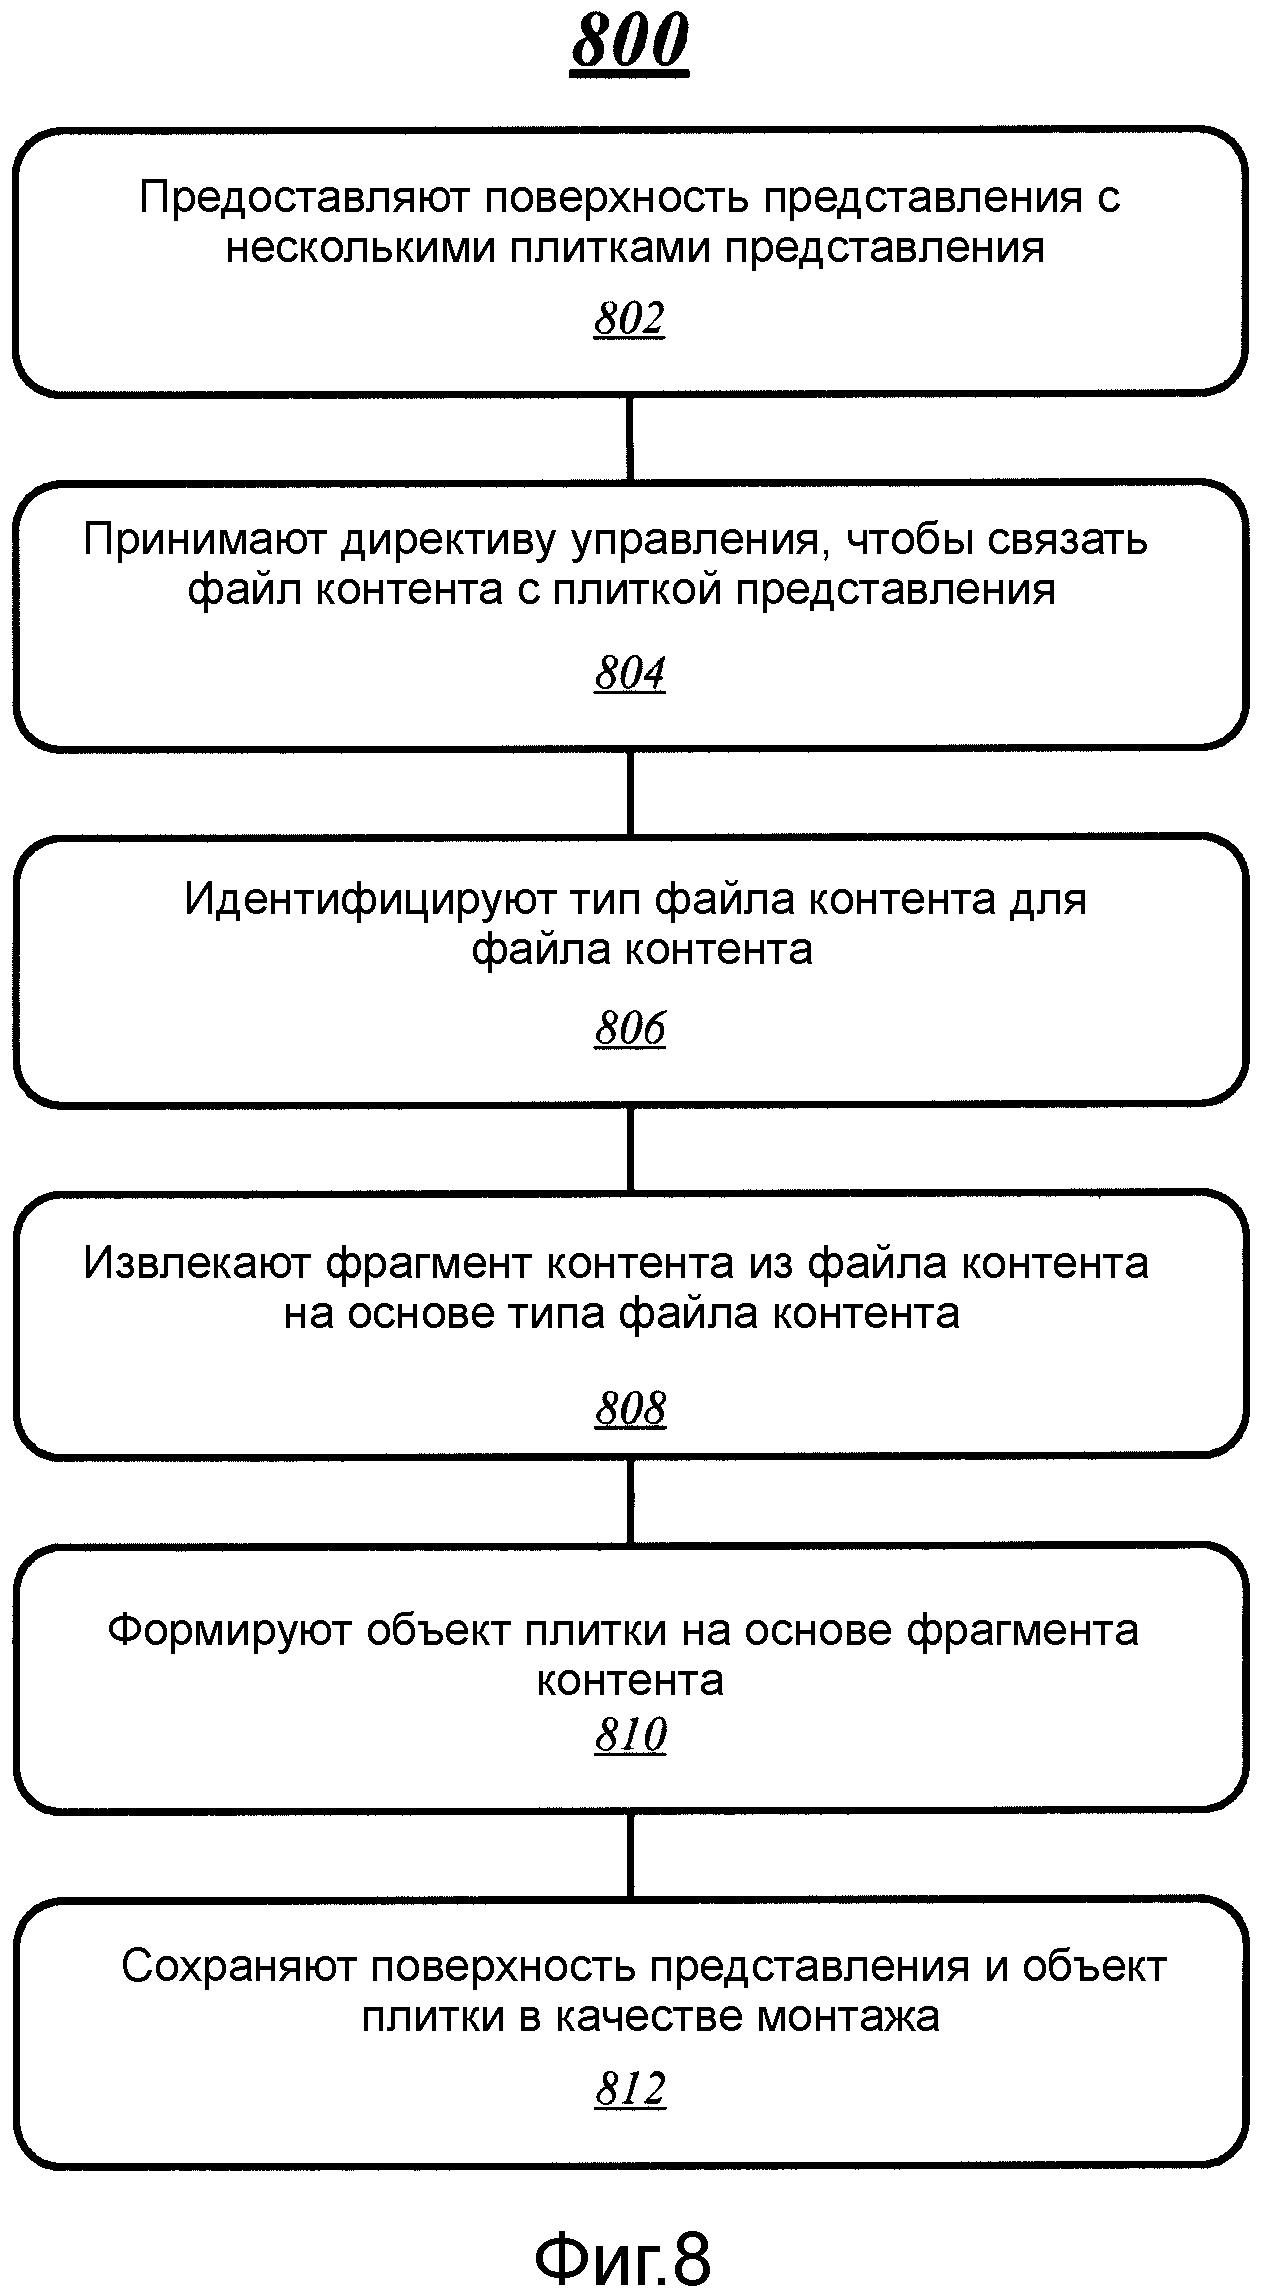 Методика для электронной агрегации информации